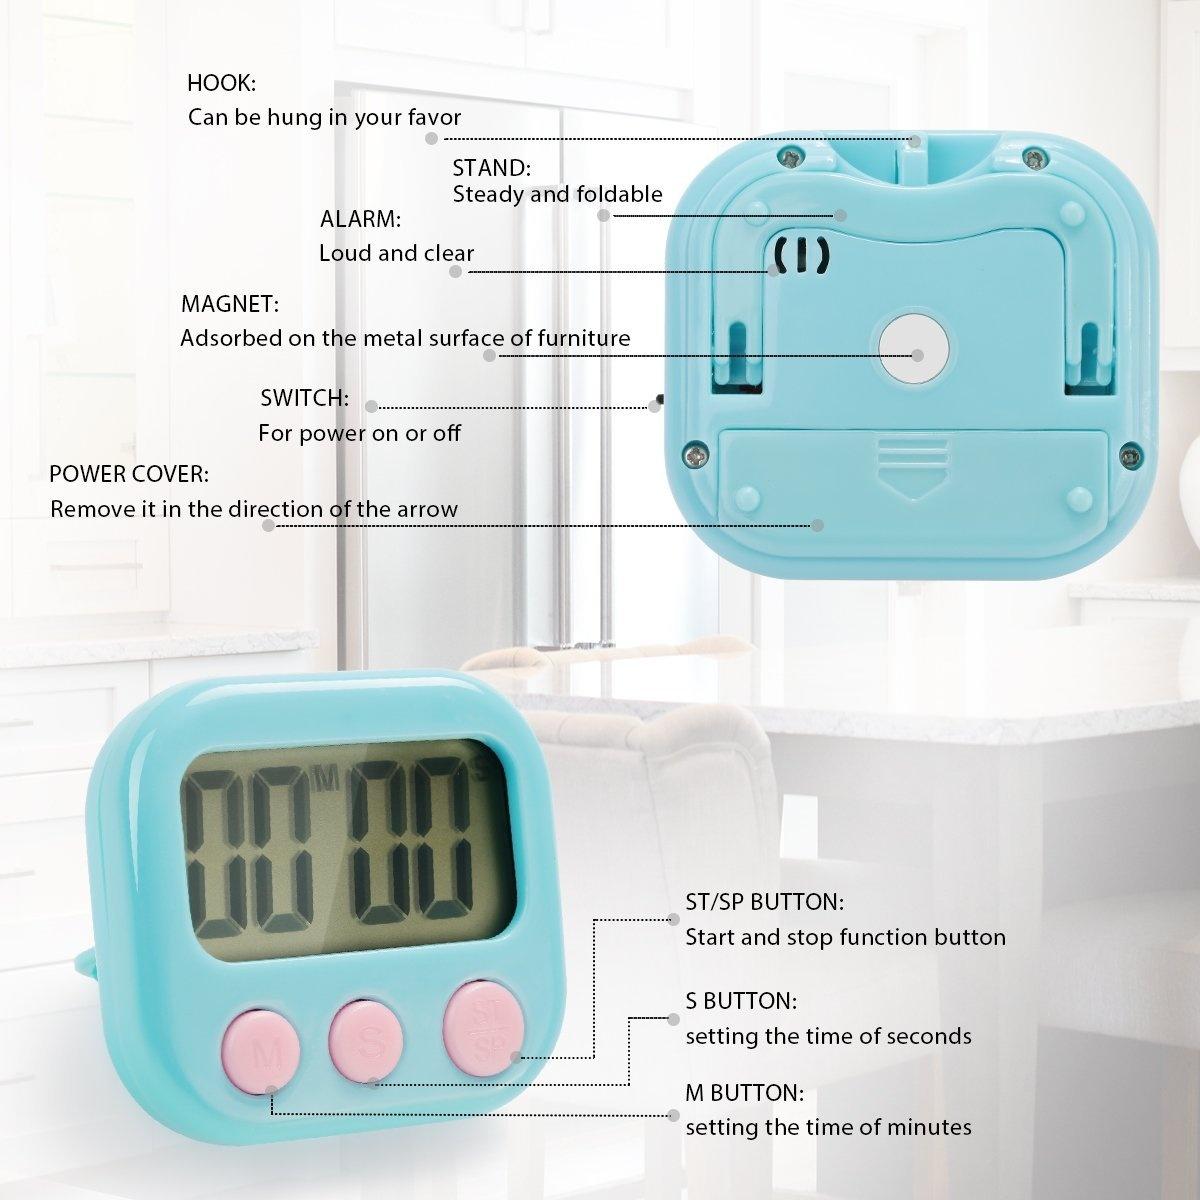 Shower Timer Kitchen: Buy Online from Fishpond.com.au